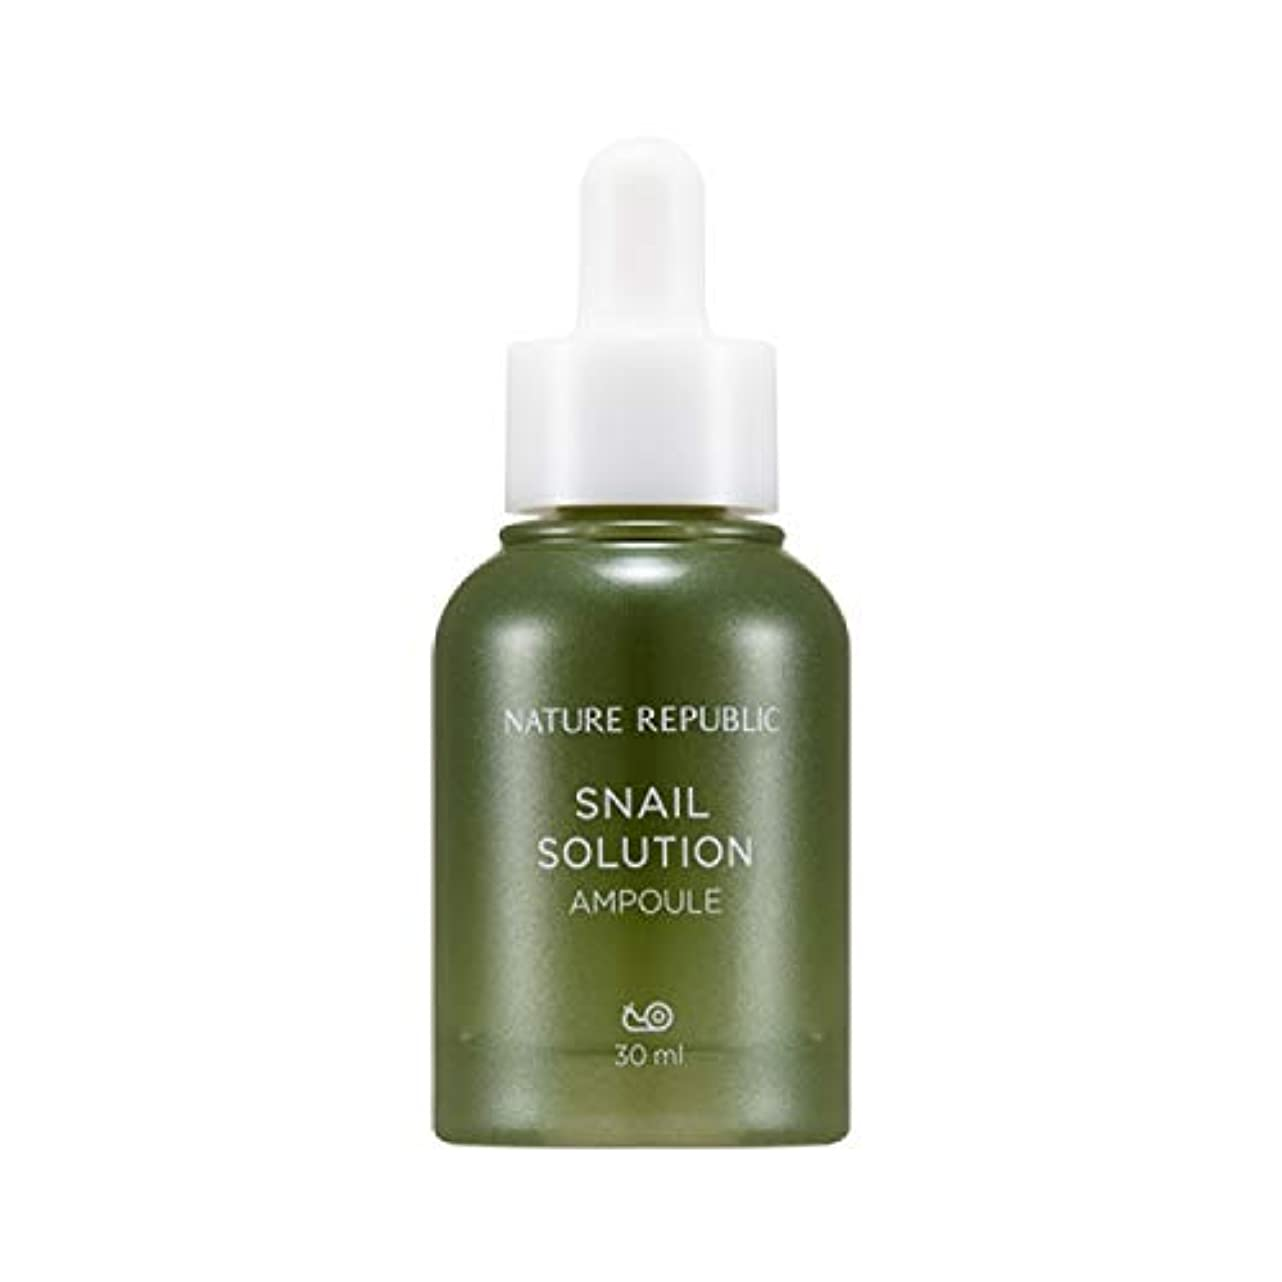 概して円周サイトラインネイチャーリパブリック(Nature Republic)カタツムリソリューションアンプル 30ml / Snail Solution Ampoule 30ml :: 韓国コスメ [並行輸入品]